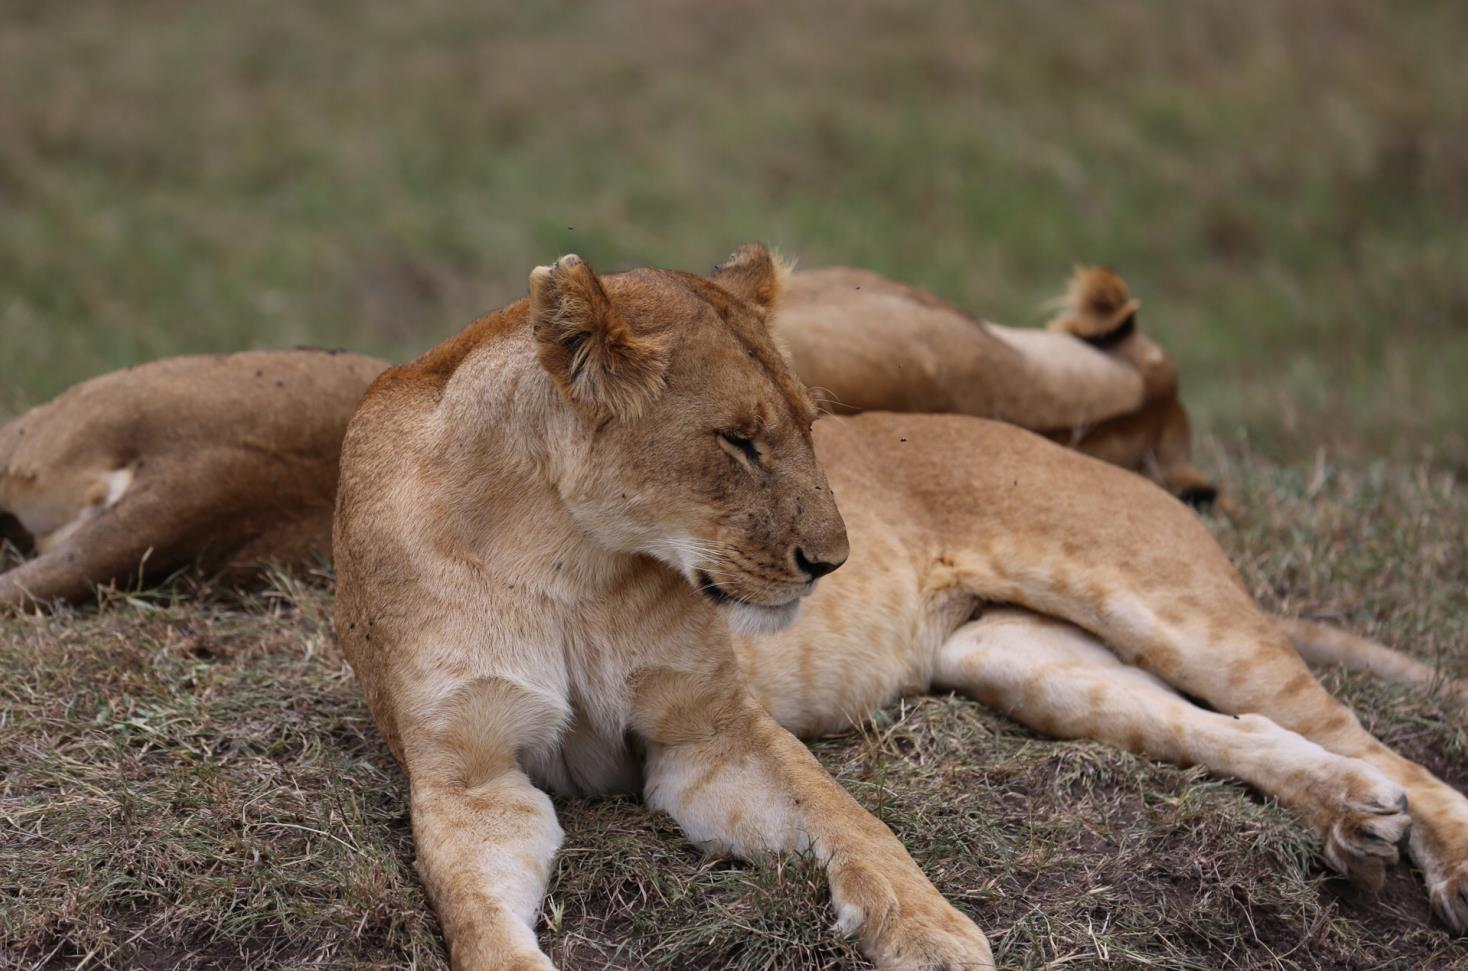 关爱野生动物,守望栖息地